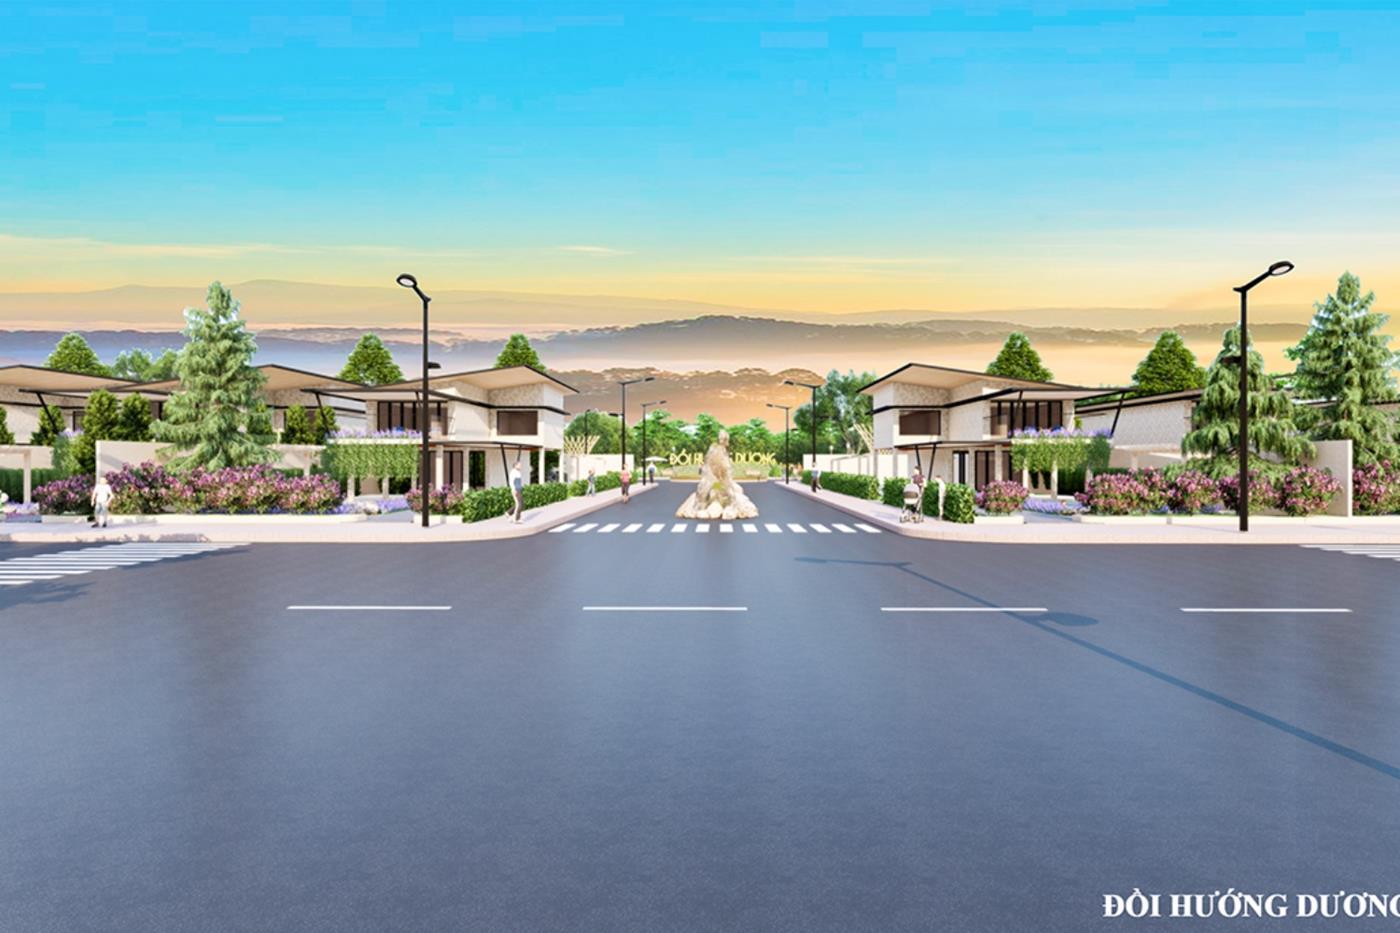 Sunflower Hill mang lại một không gian nghỉ dưỡng mới tại Bảo Lộc